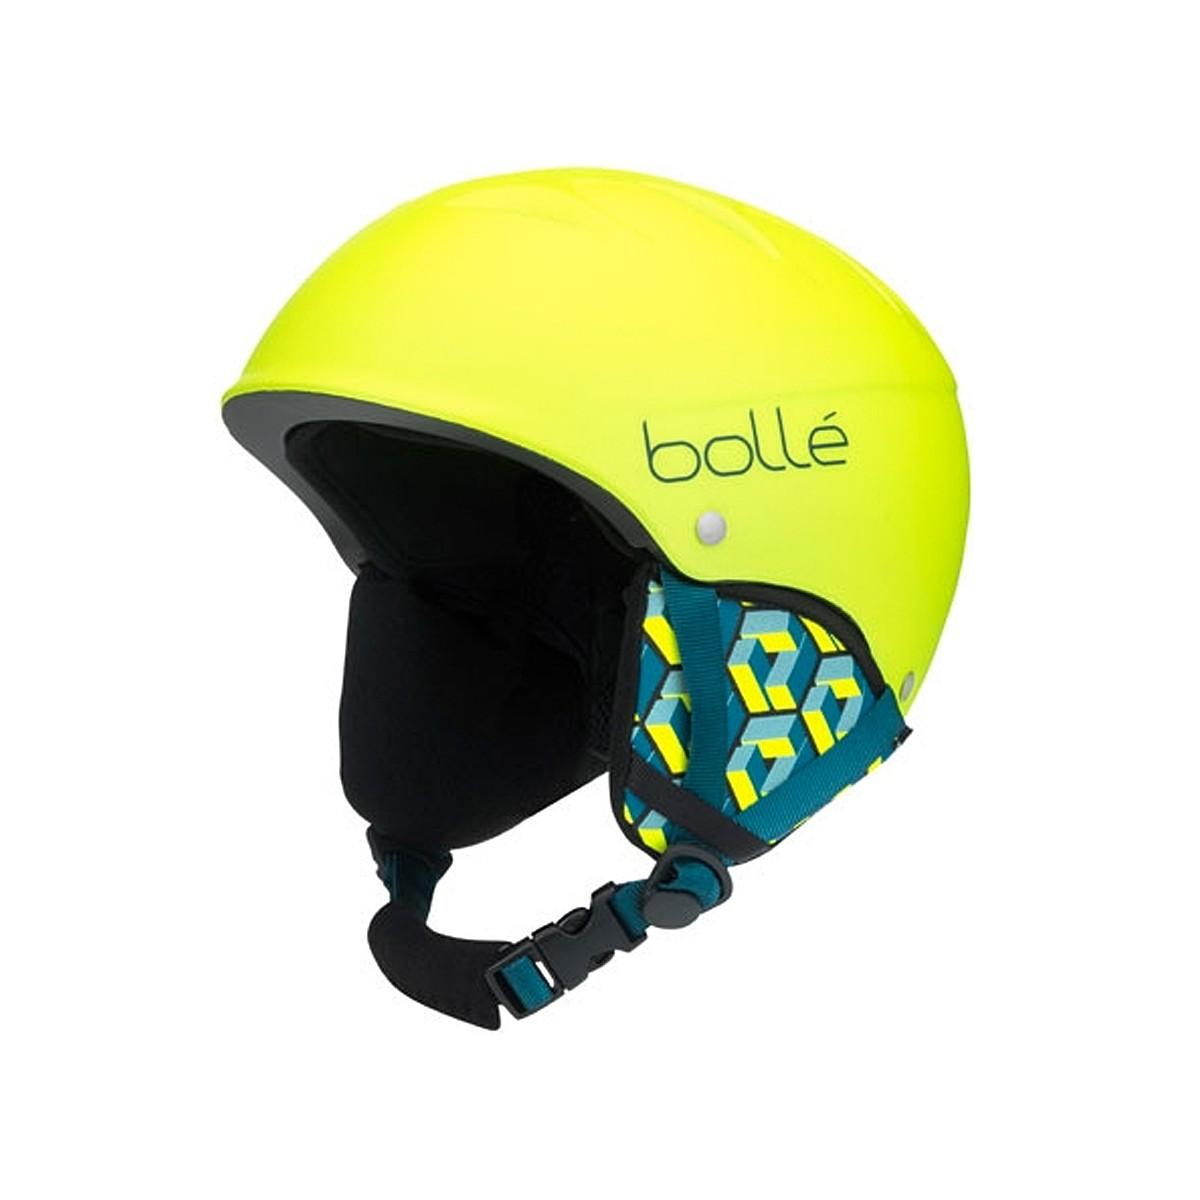 Casco sci Bollé B-Free giallo (Colore: giallo neon, Taglia: 53/57)